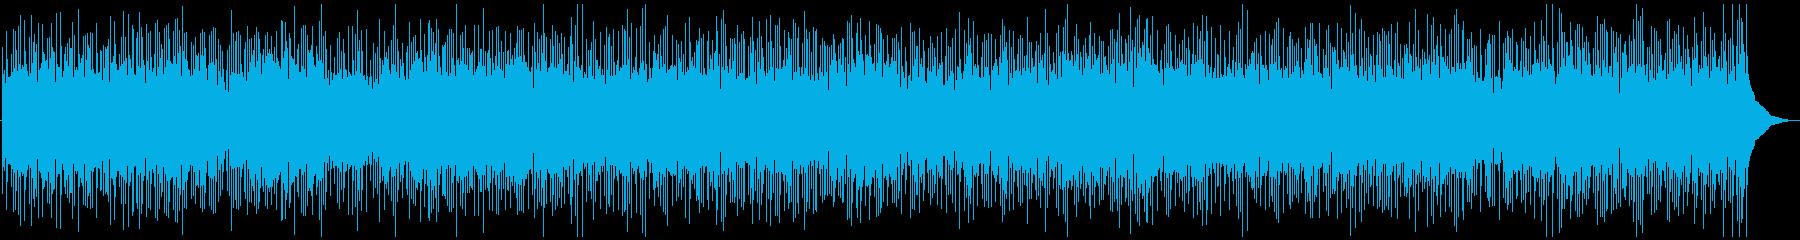 昔懐かしいような優しいフォーク調BGMの再生済みの波形